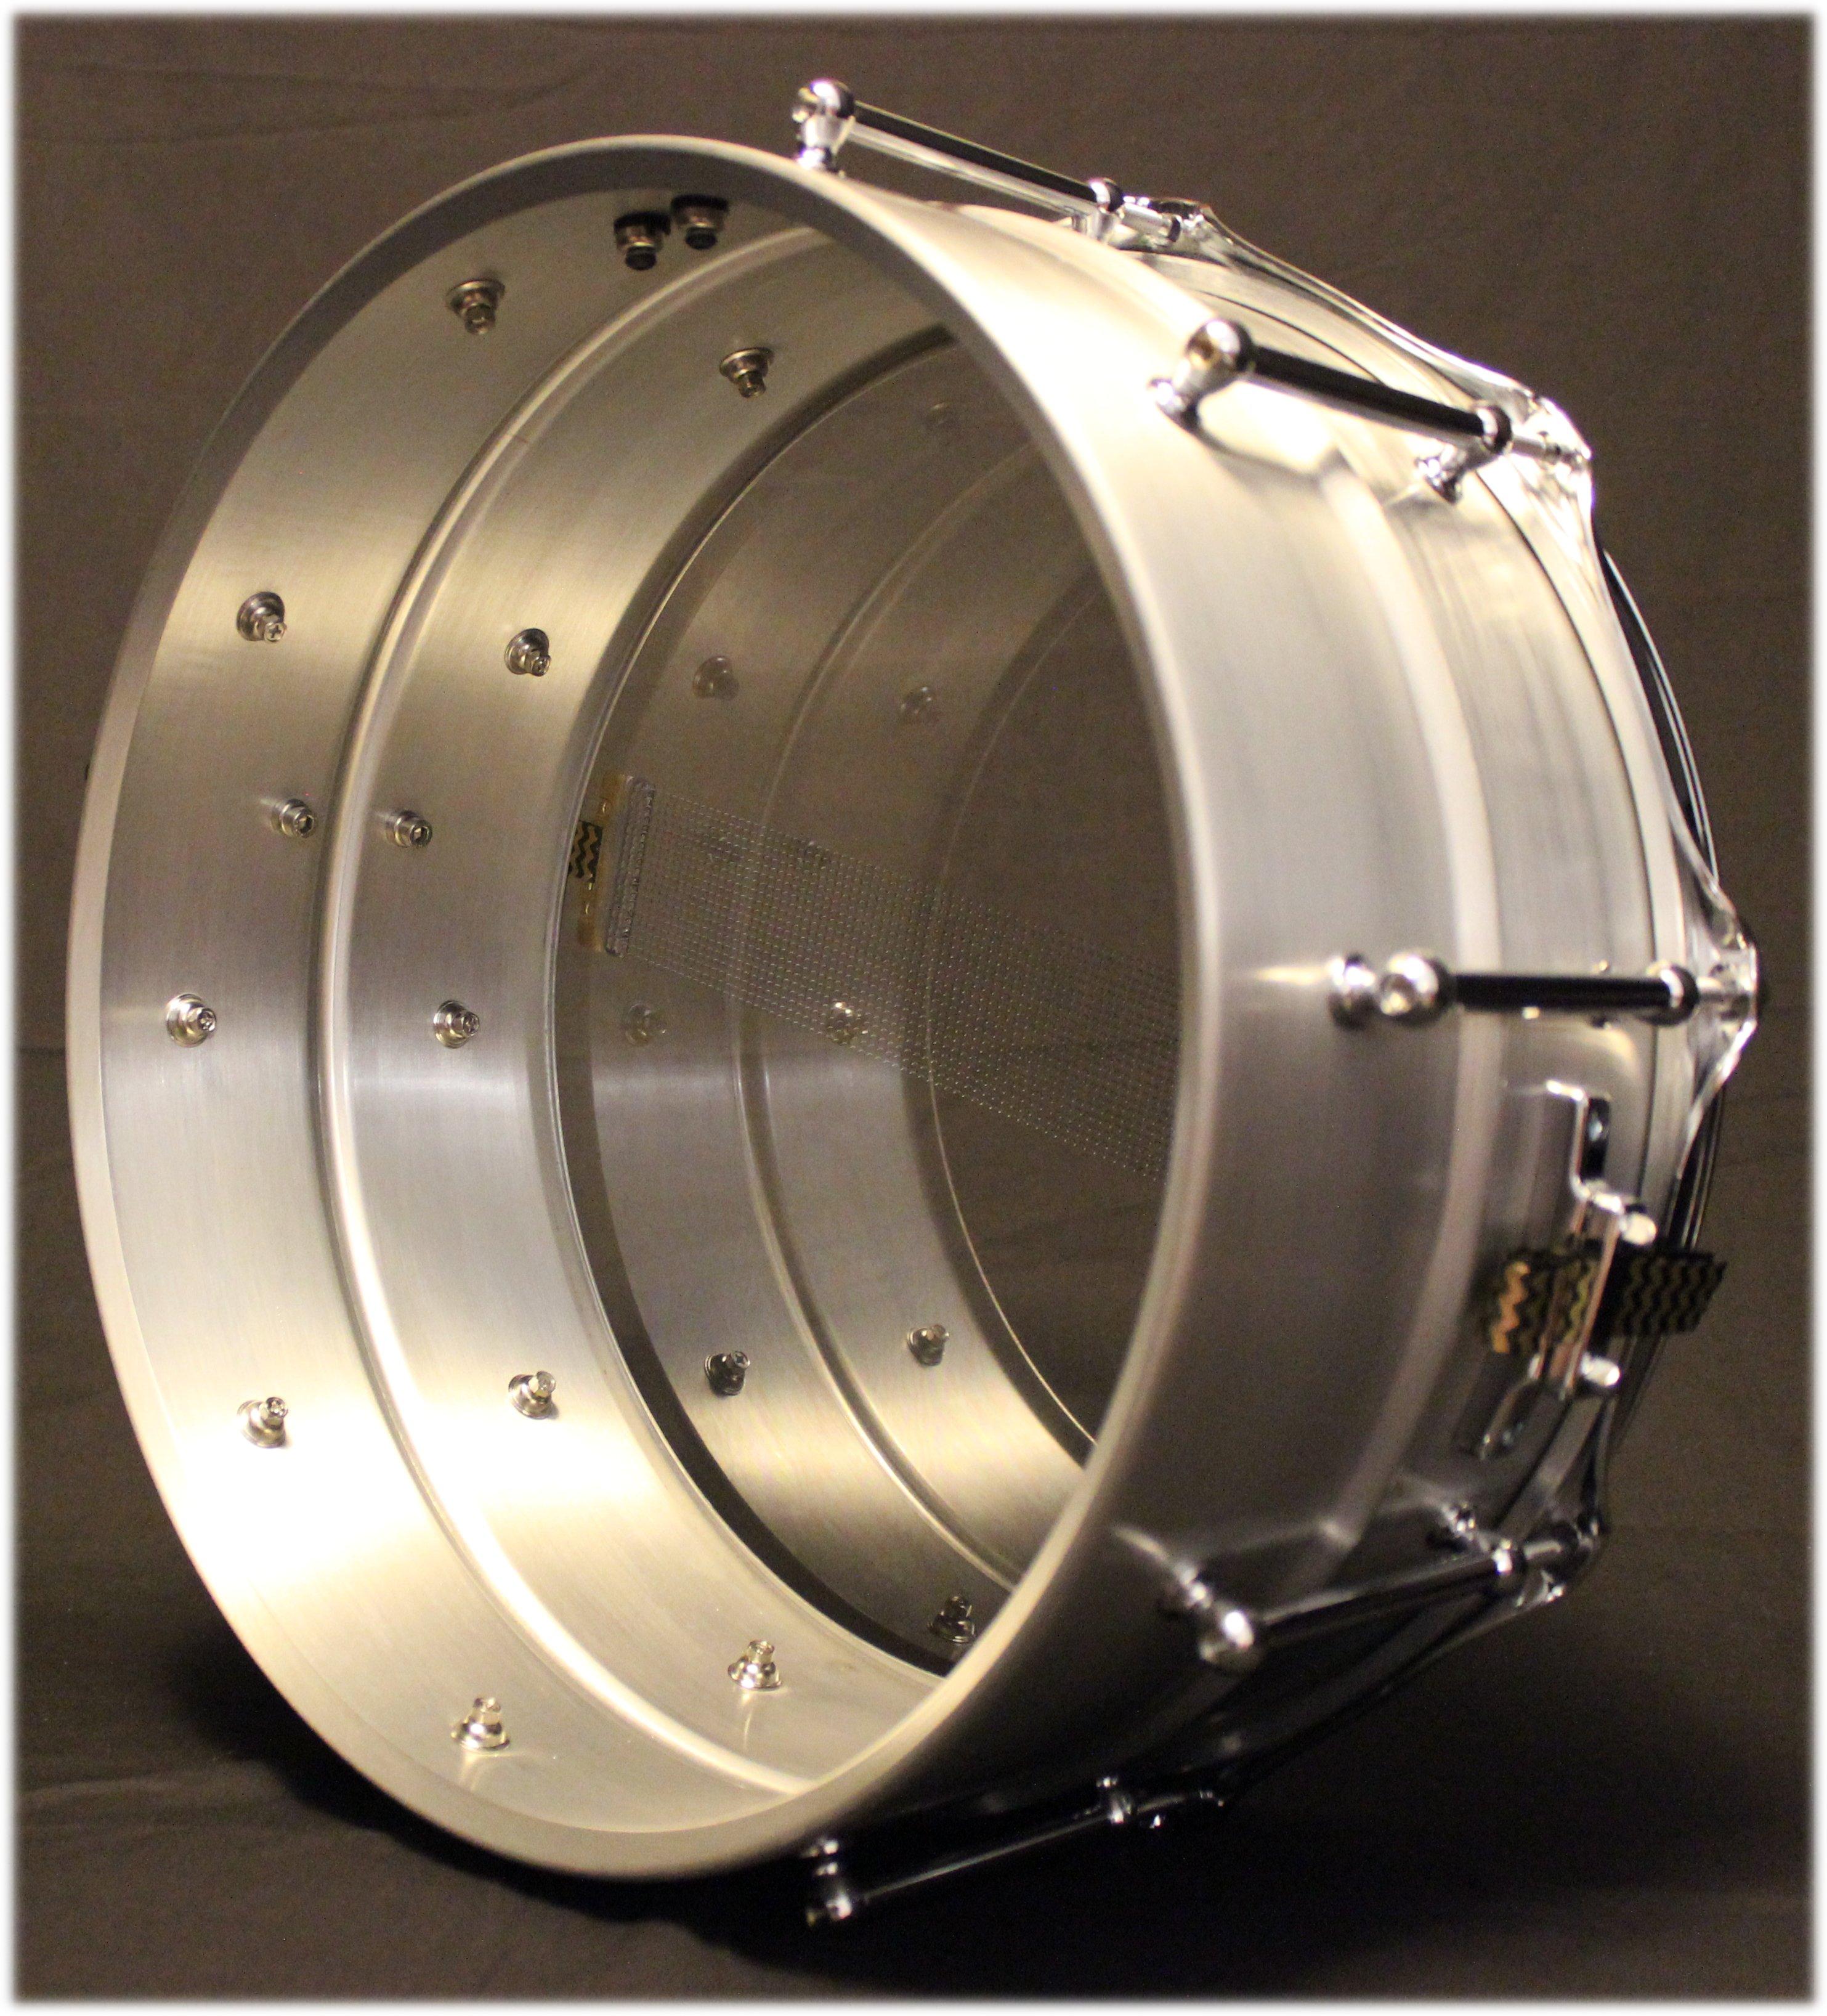 Seamless Aluminum